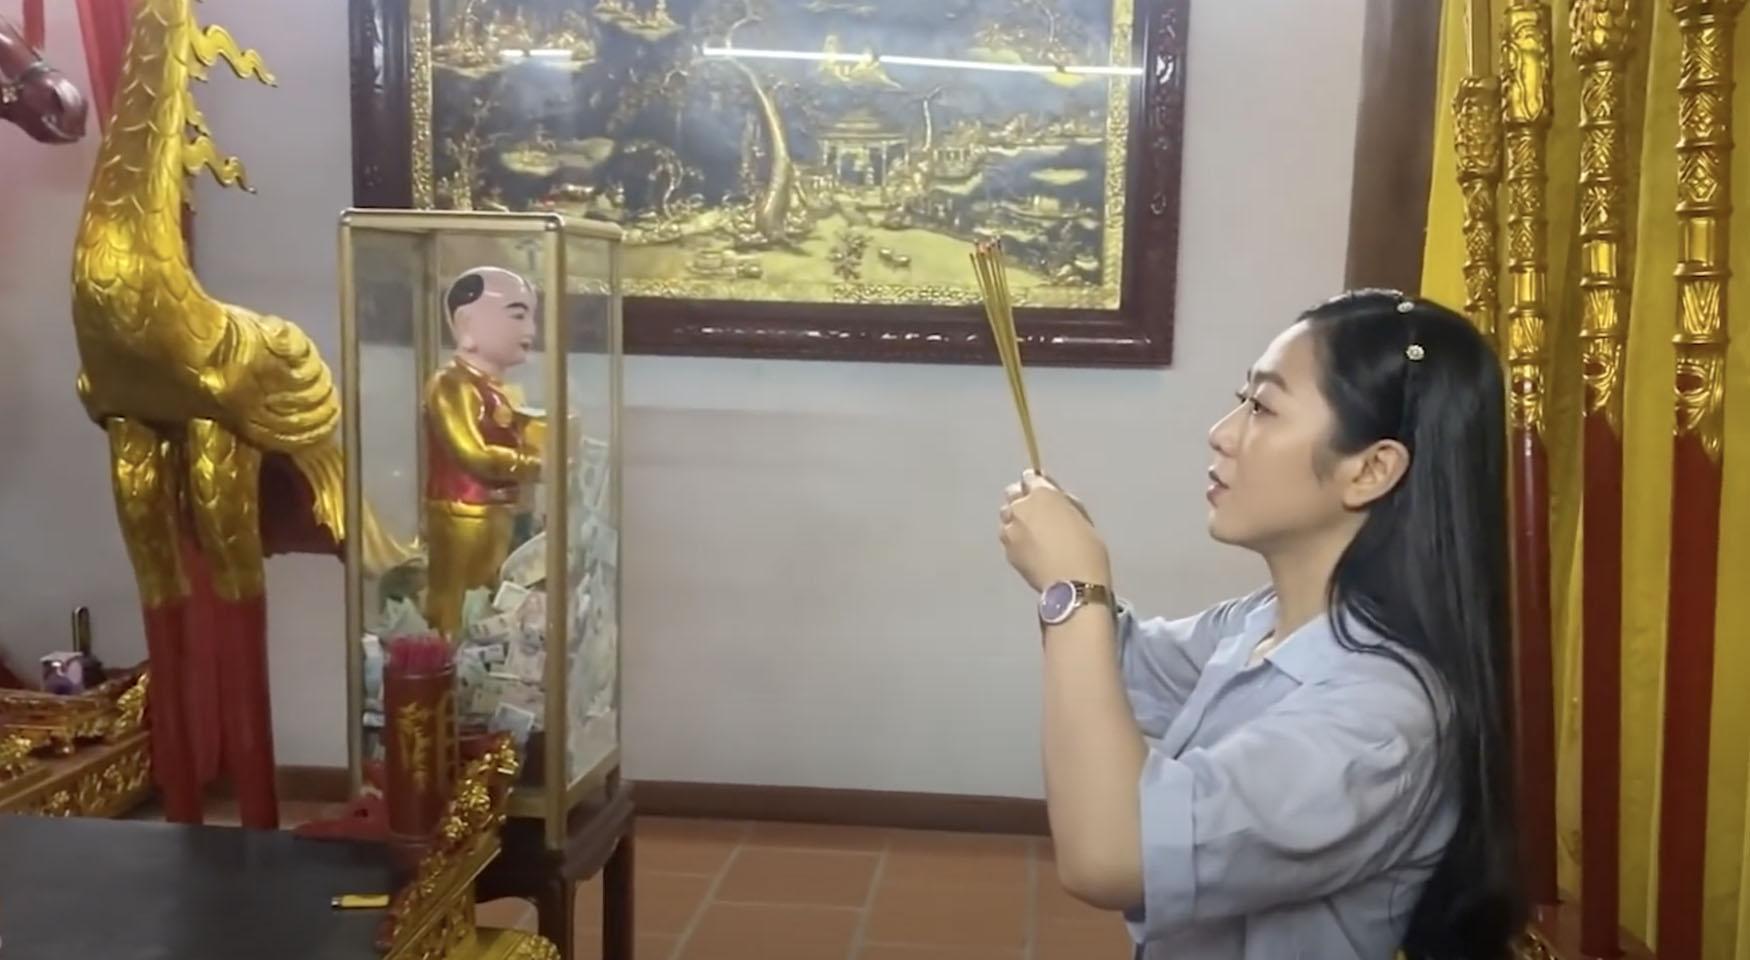 """""""Vợ sắp cưới"""" của Quang Lê gặp Hoài Linh tại đền thờ 100 tỷ giữa ồn ào 13 tỷ từ thiện - hình ảnh 1"""